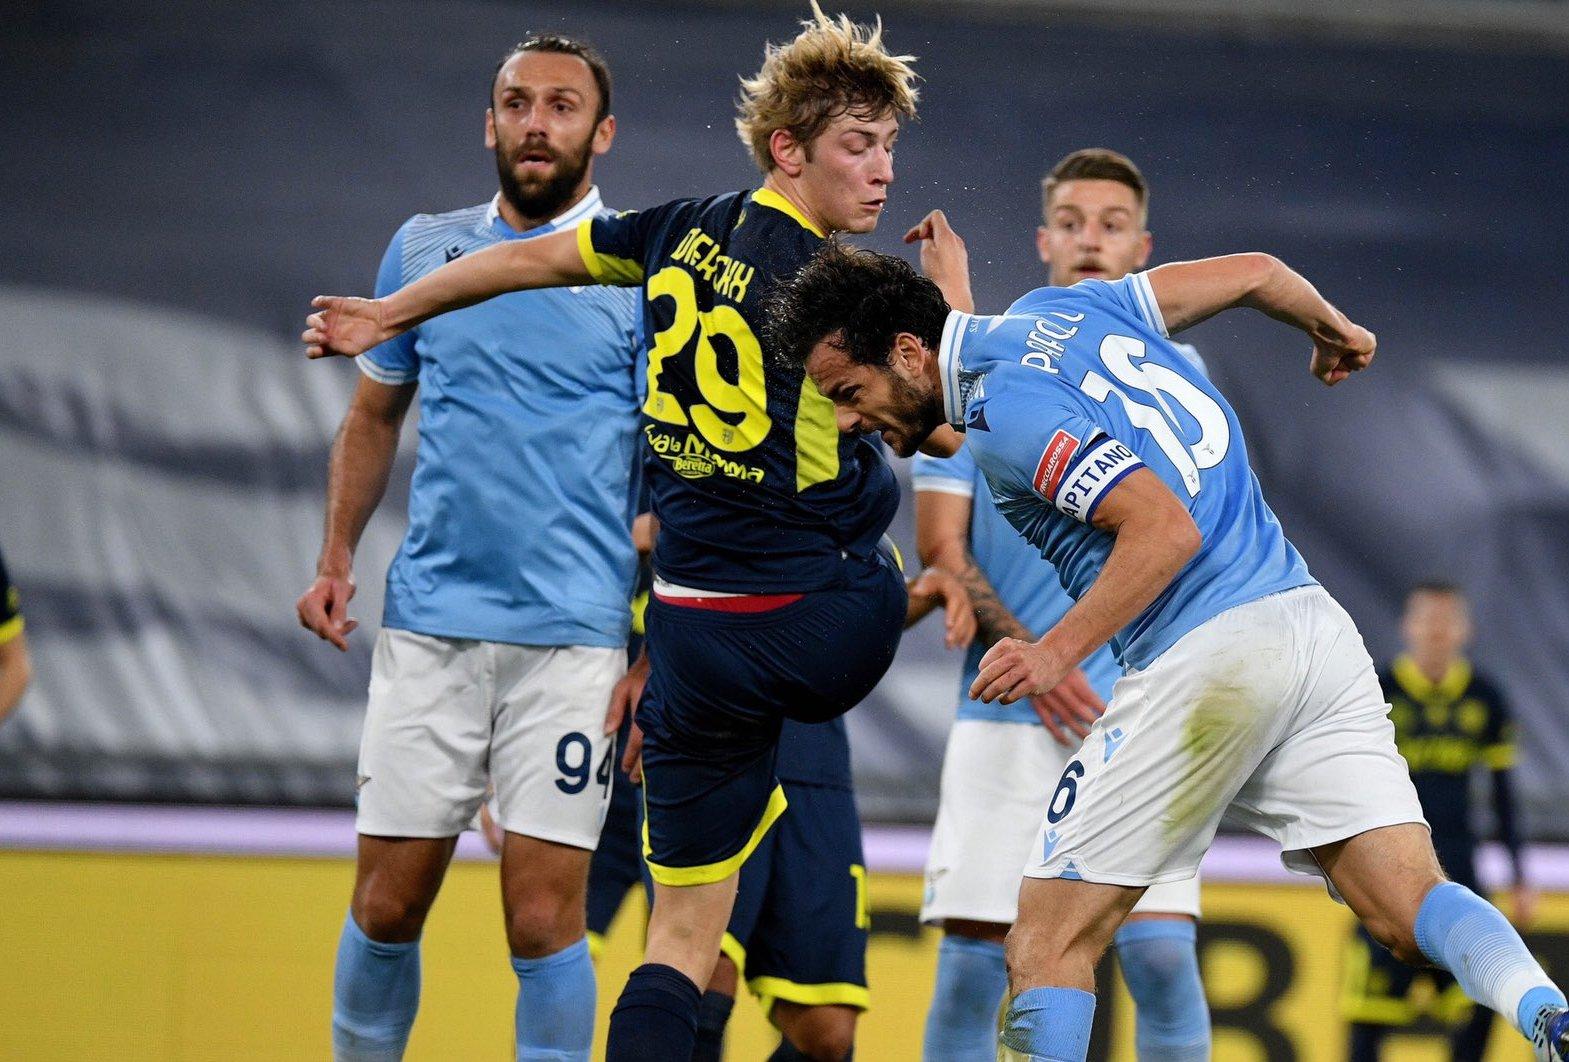 Lazio Parma 2 1, Muriqi nel finale: Tabellino e Highlights